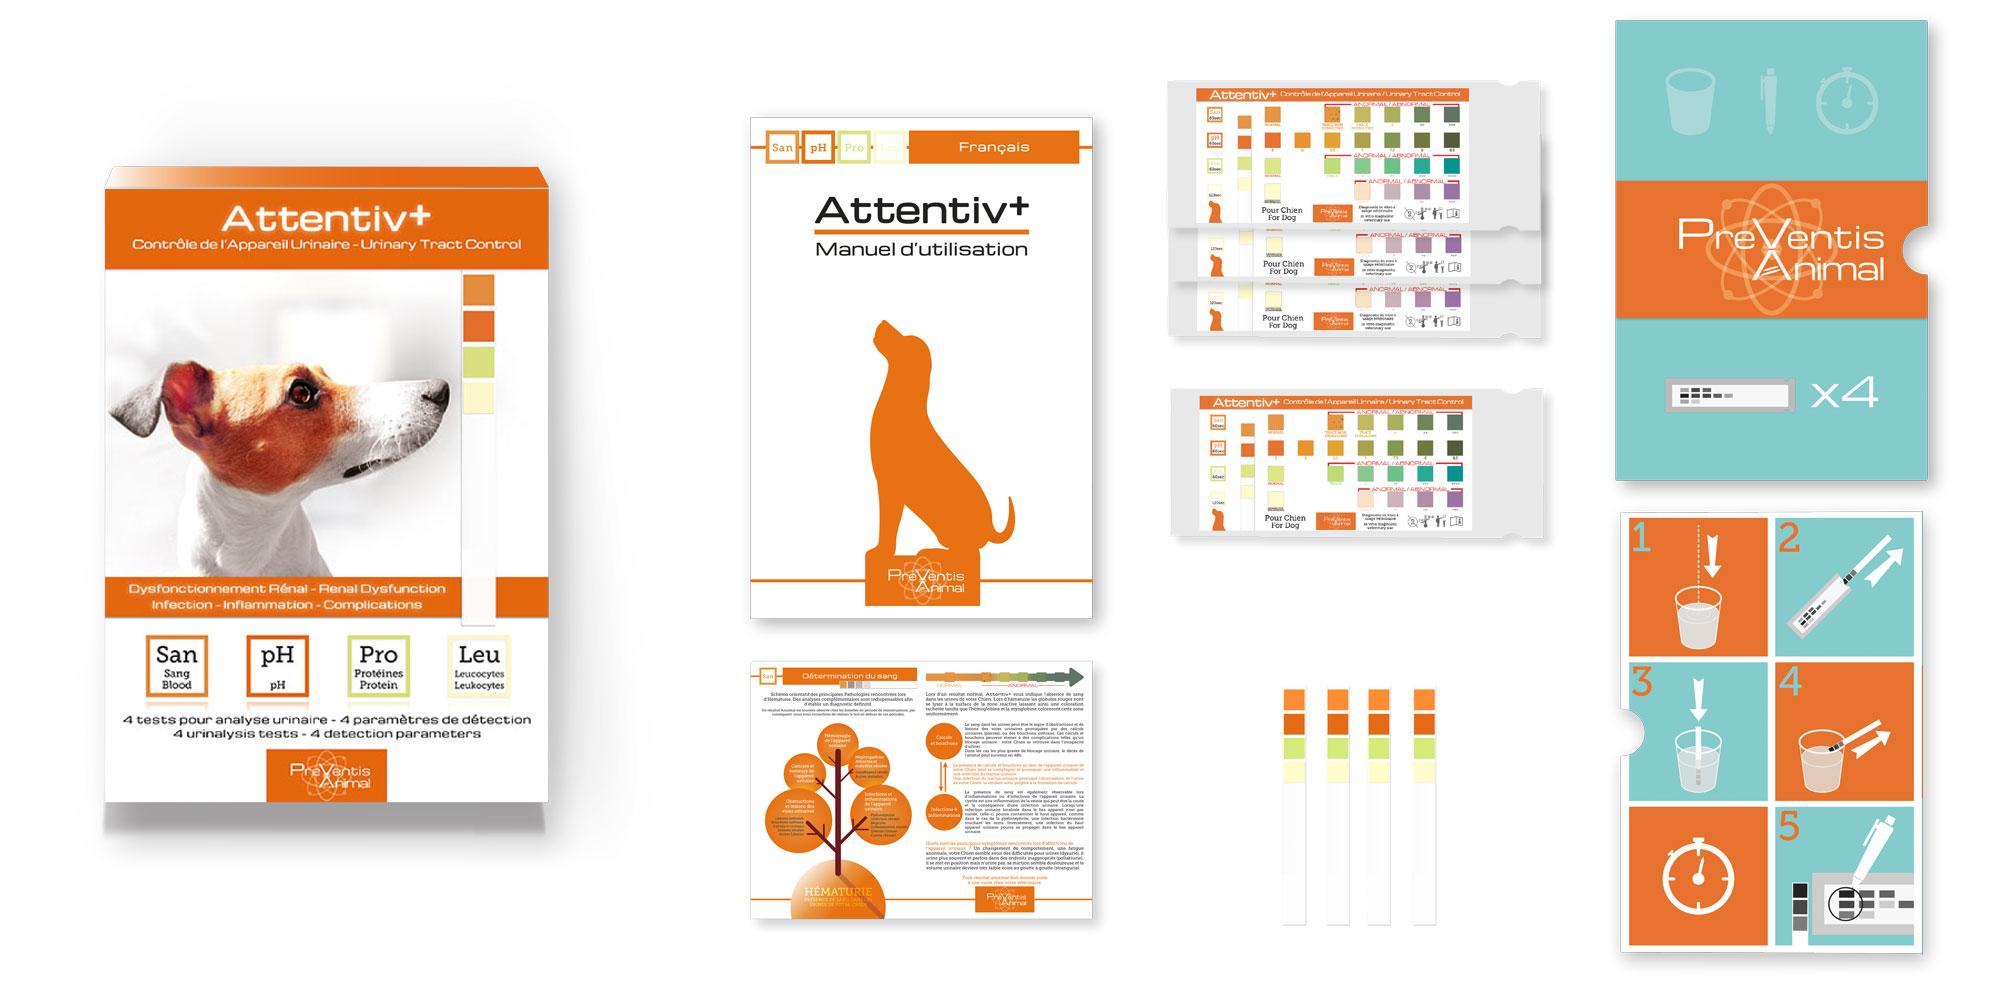 Comment détecter les problèmes urinaires du chat avec le test de santé pour chien Attentiv+ ?